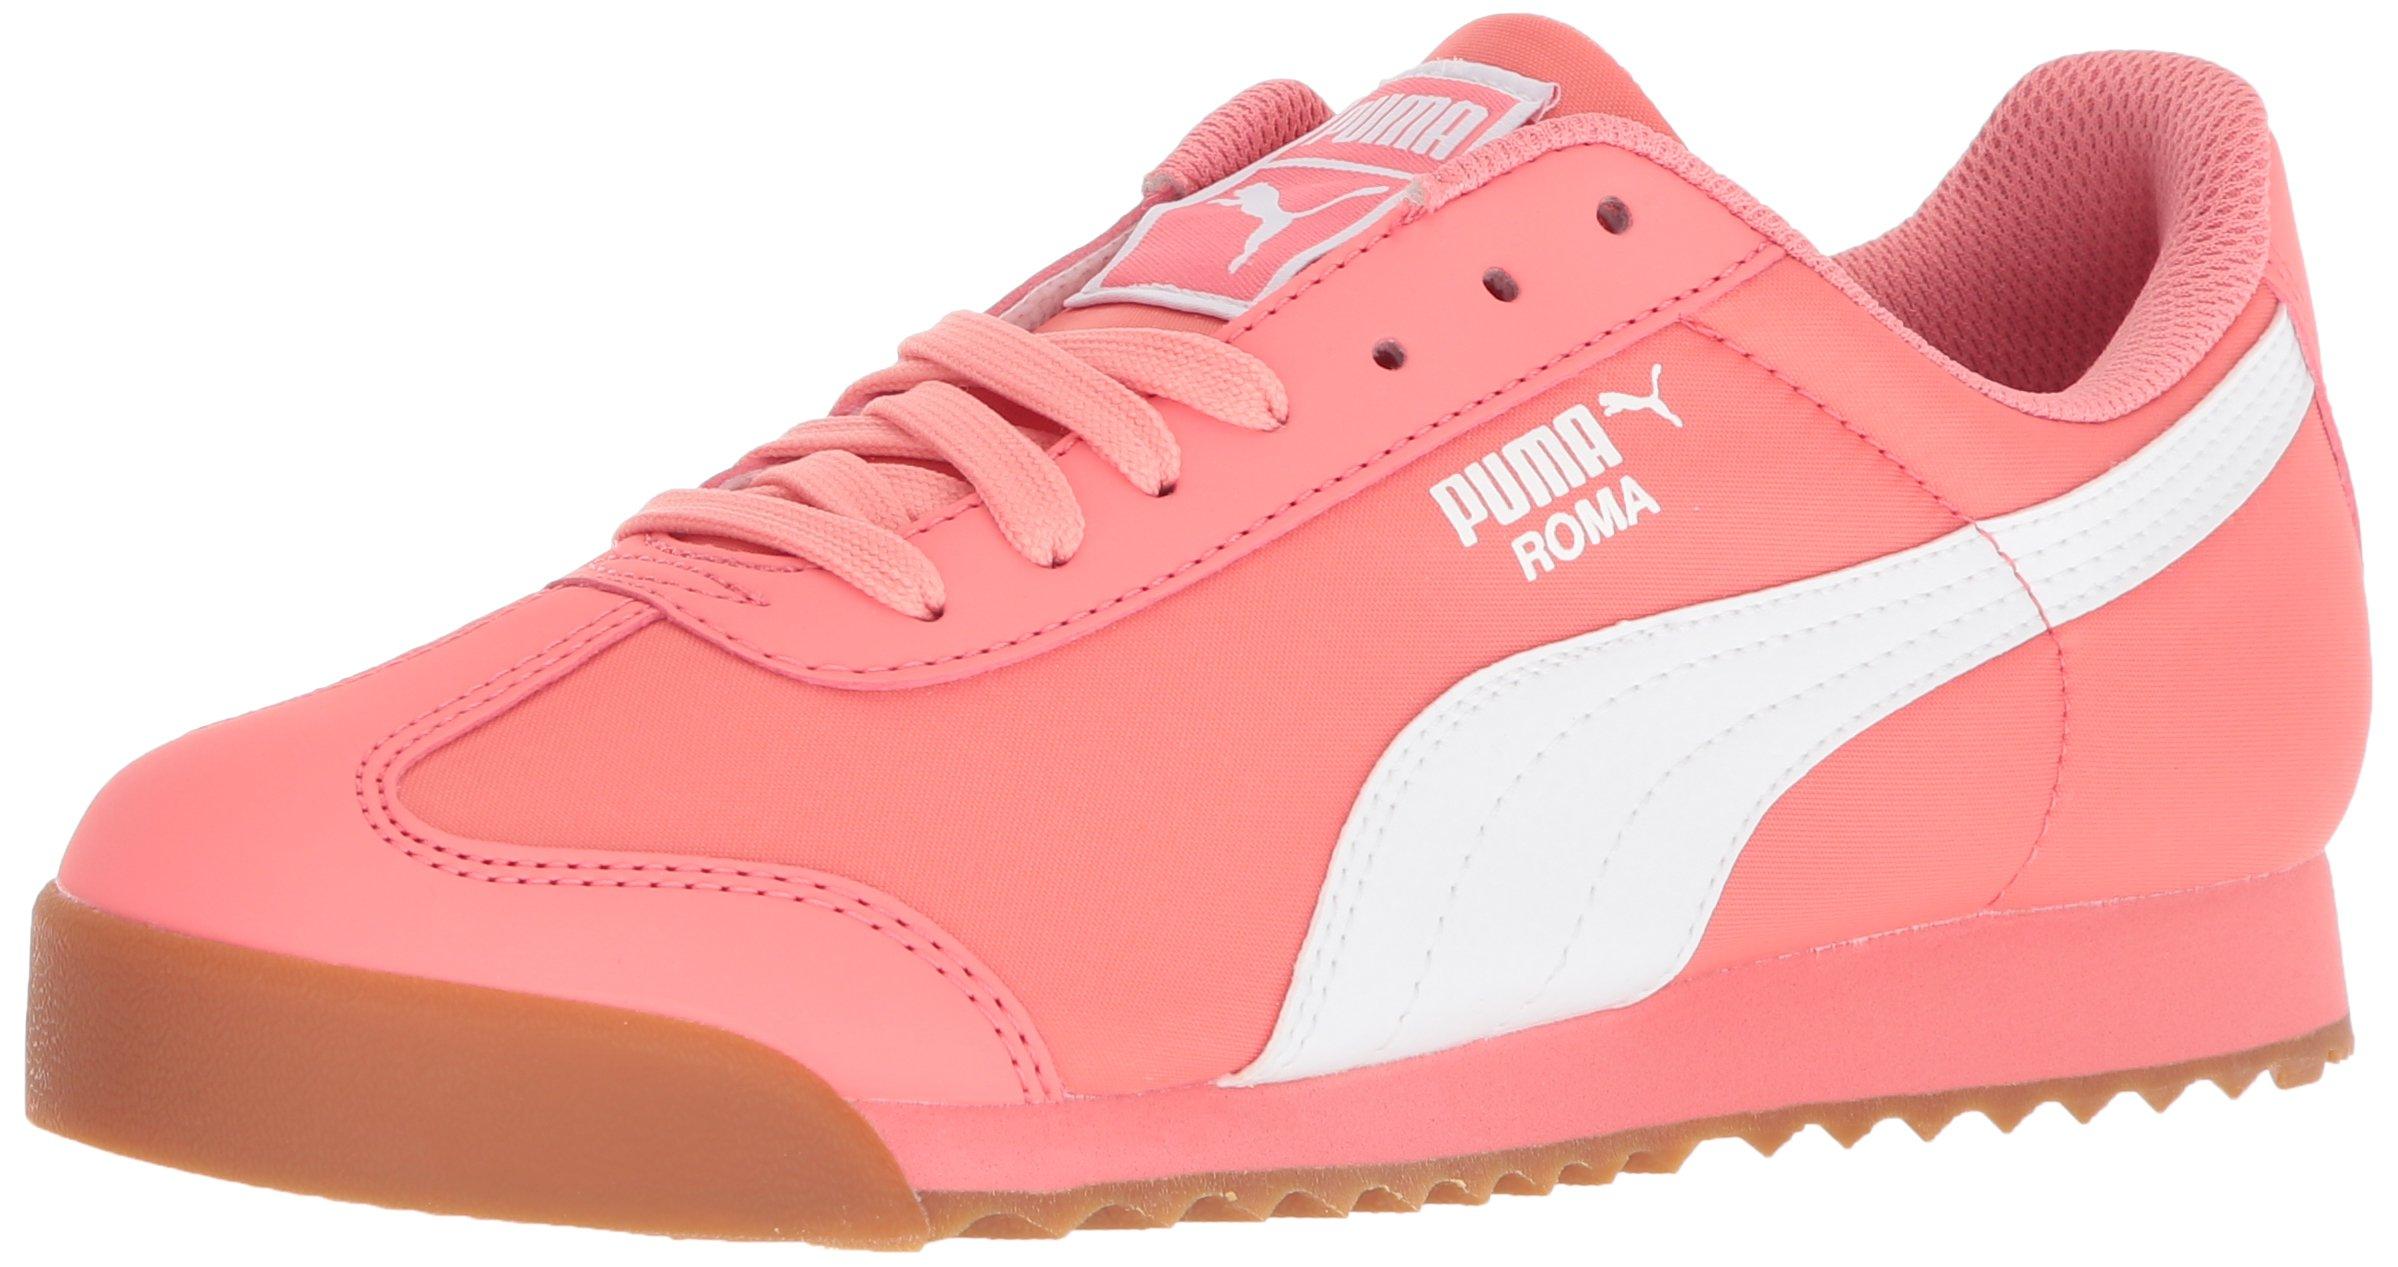 PUMA Unisex-Kids Roma Basic Summer Sneaker, Shell Pink White, 1 M US Little Kid